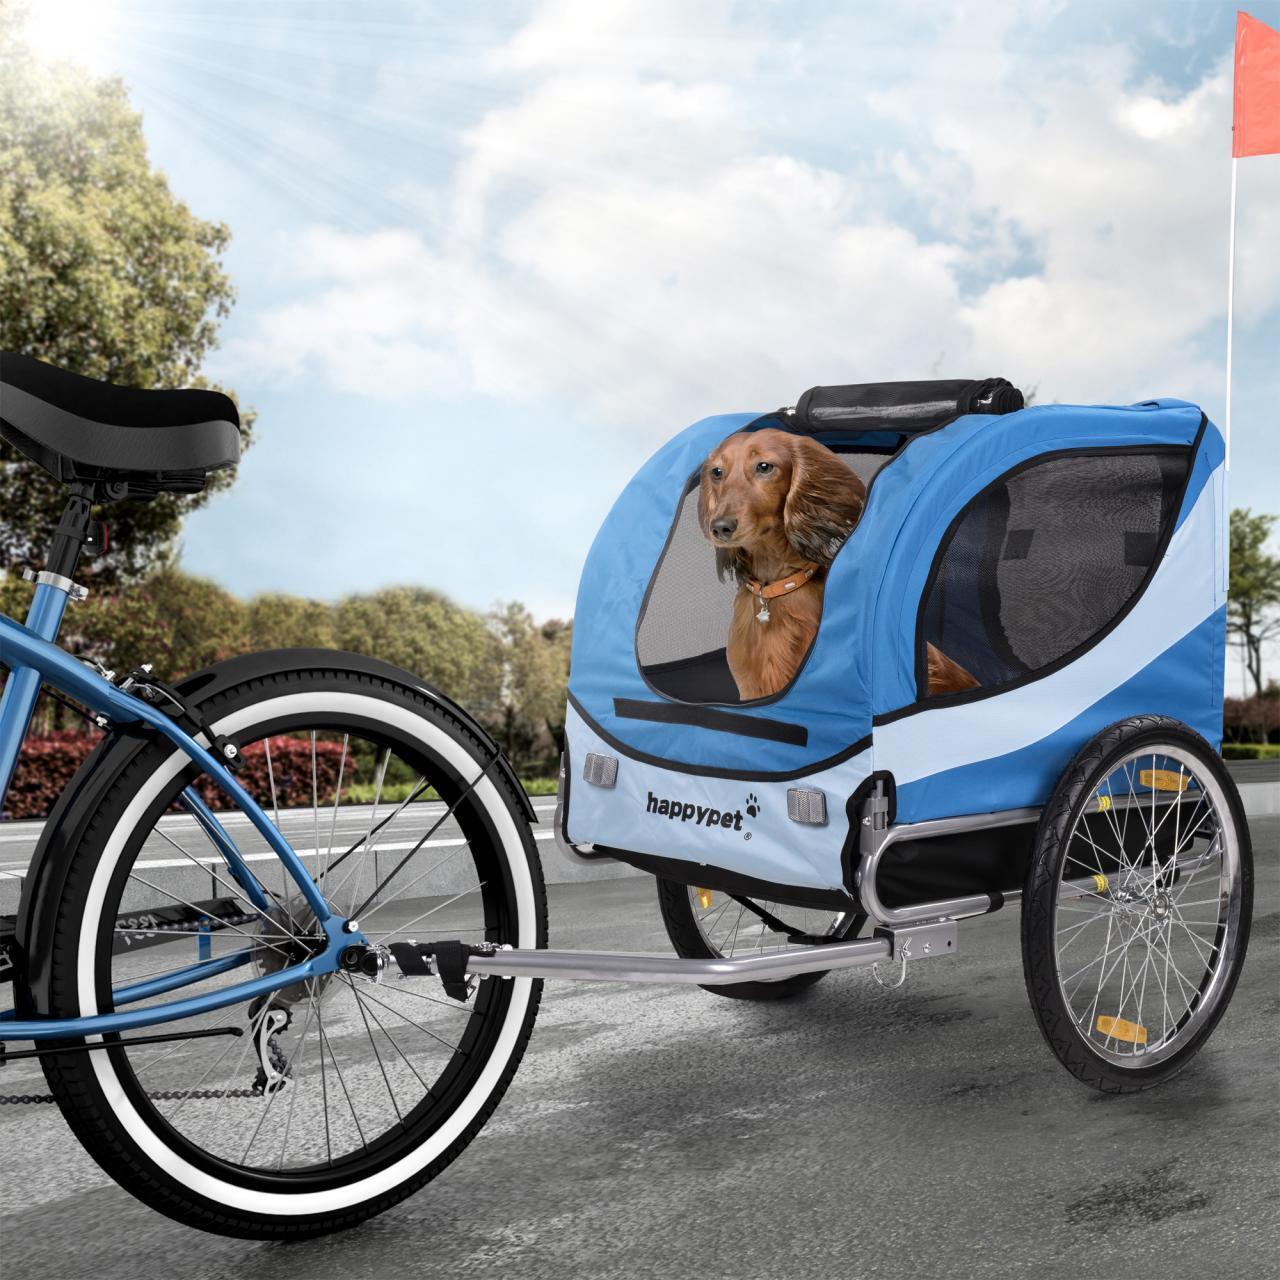 happypet hunde fahrrad anh nger m hundetransporter. Black Bedroom Furniture Sets. Home Design Ideas